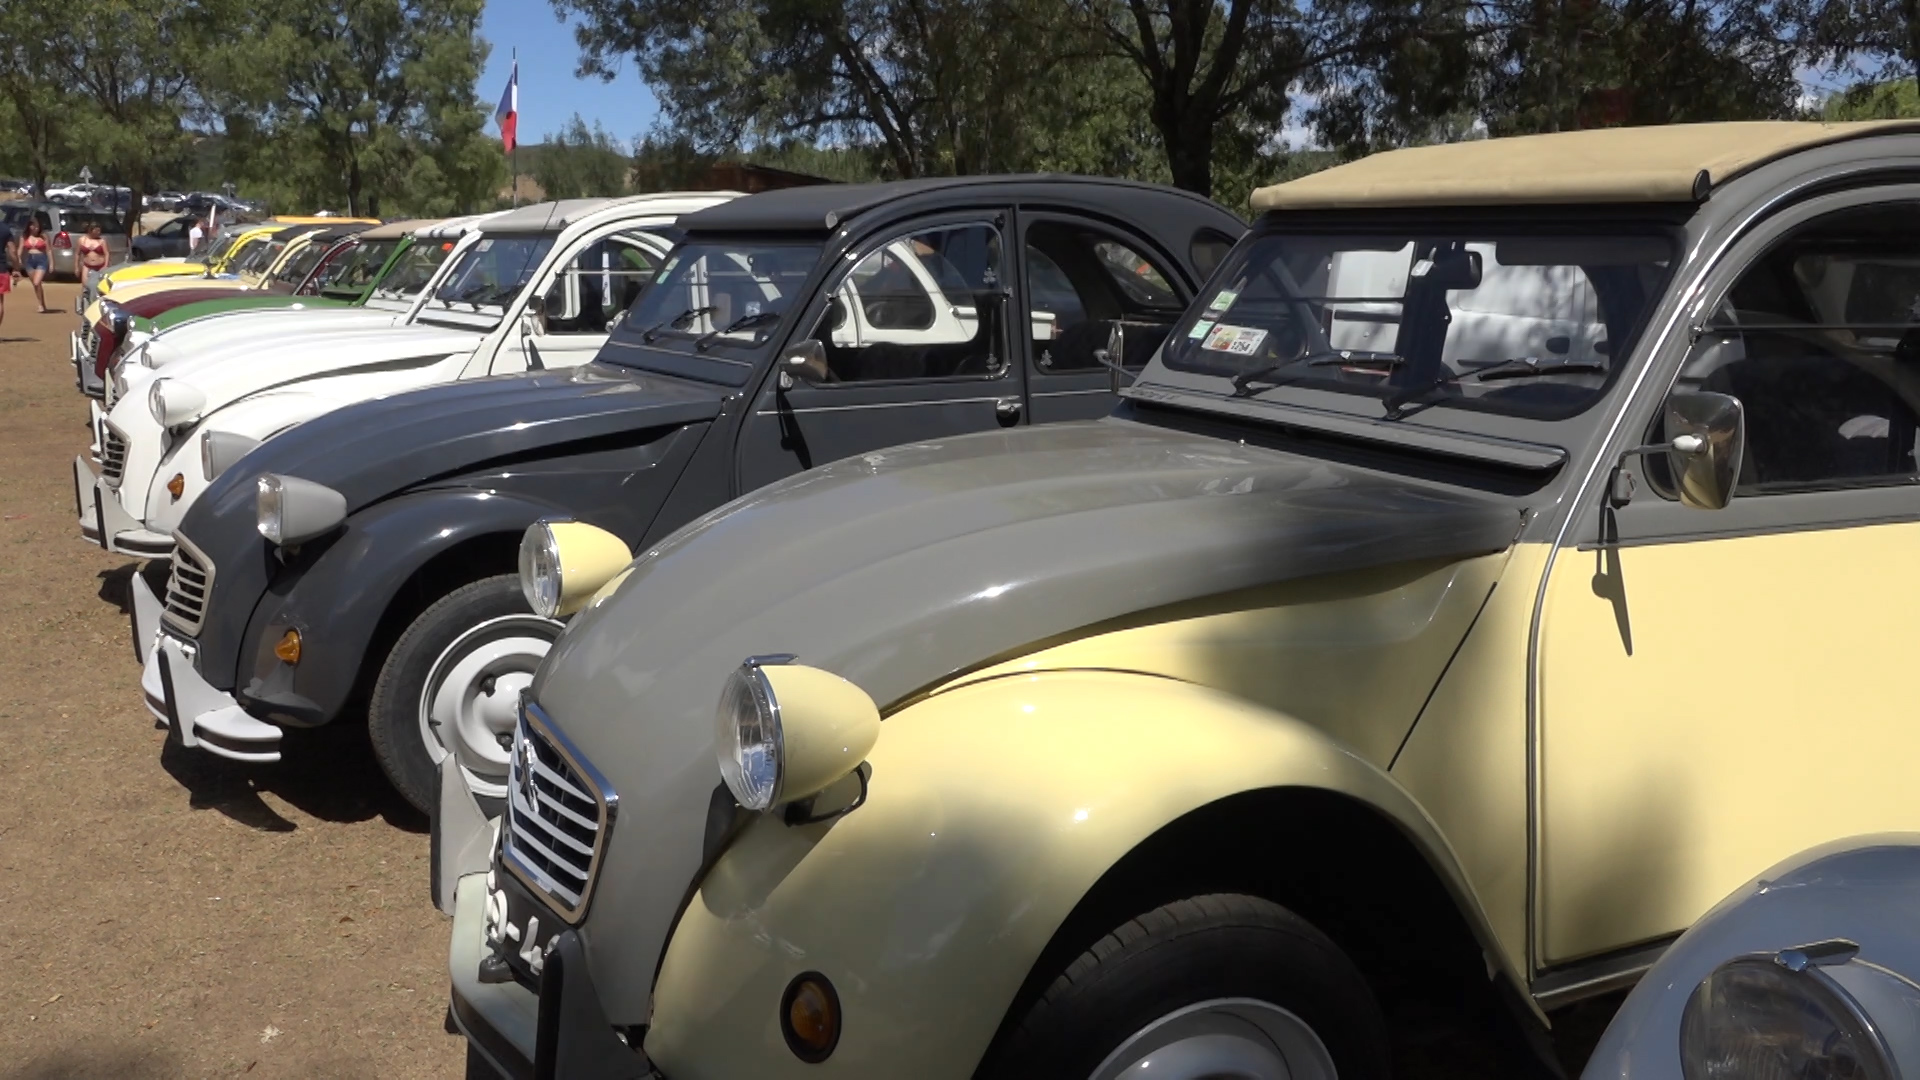 Carros clássicos e de matrículas internacionais passaram hoje pelo concelho